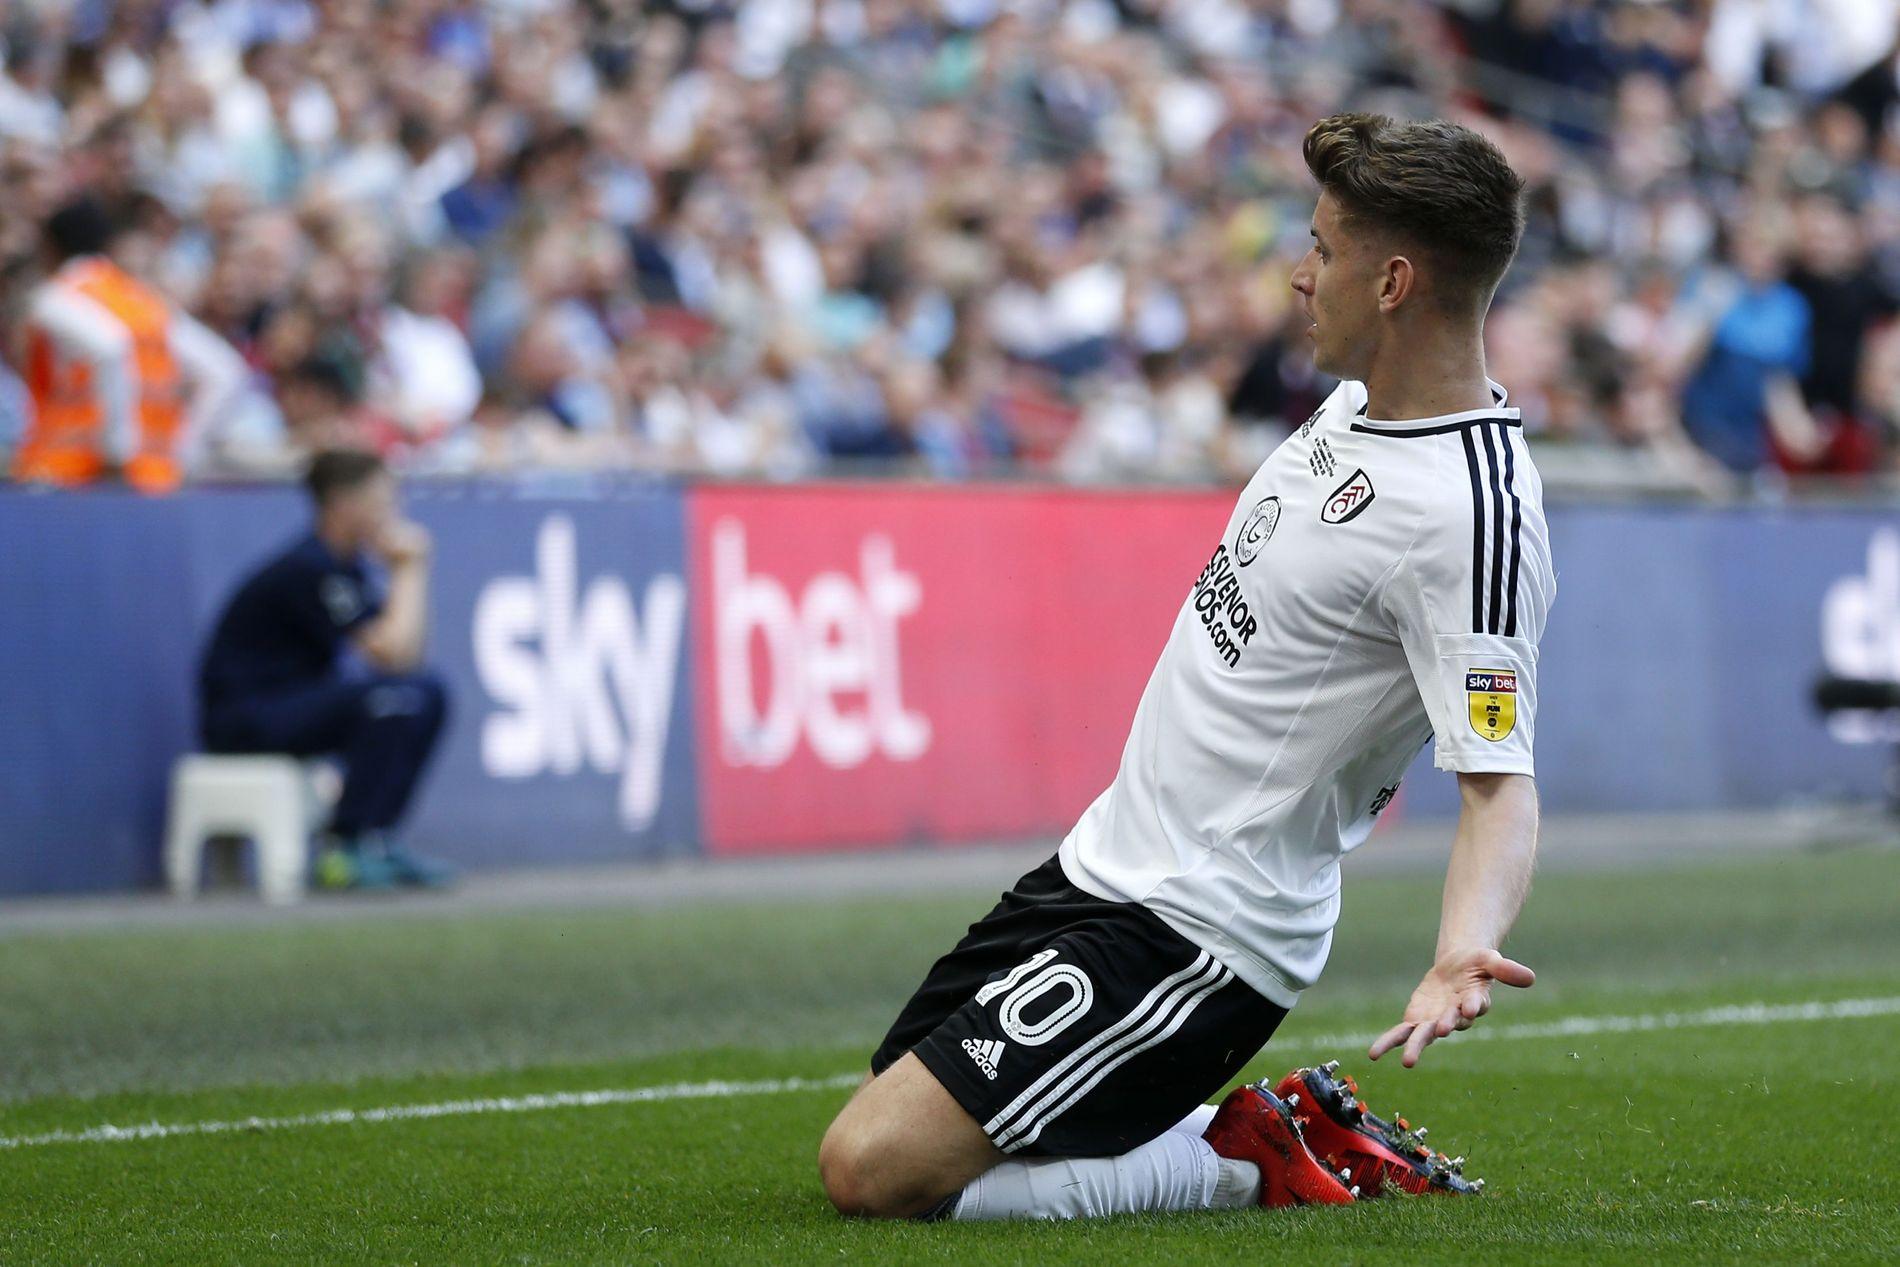 TO-MILLIARDER-FEIRINGA: Her har akkurat Tom Cairney satt inn scoringen som sendte Fulham til Premier League. Smågod følelse det vel?